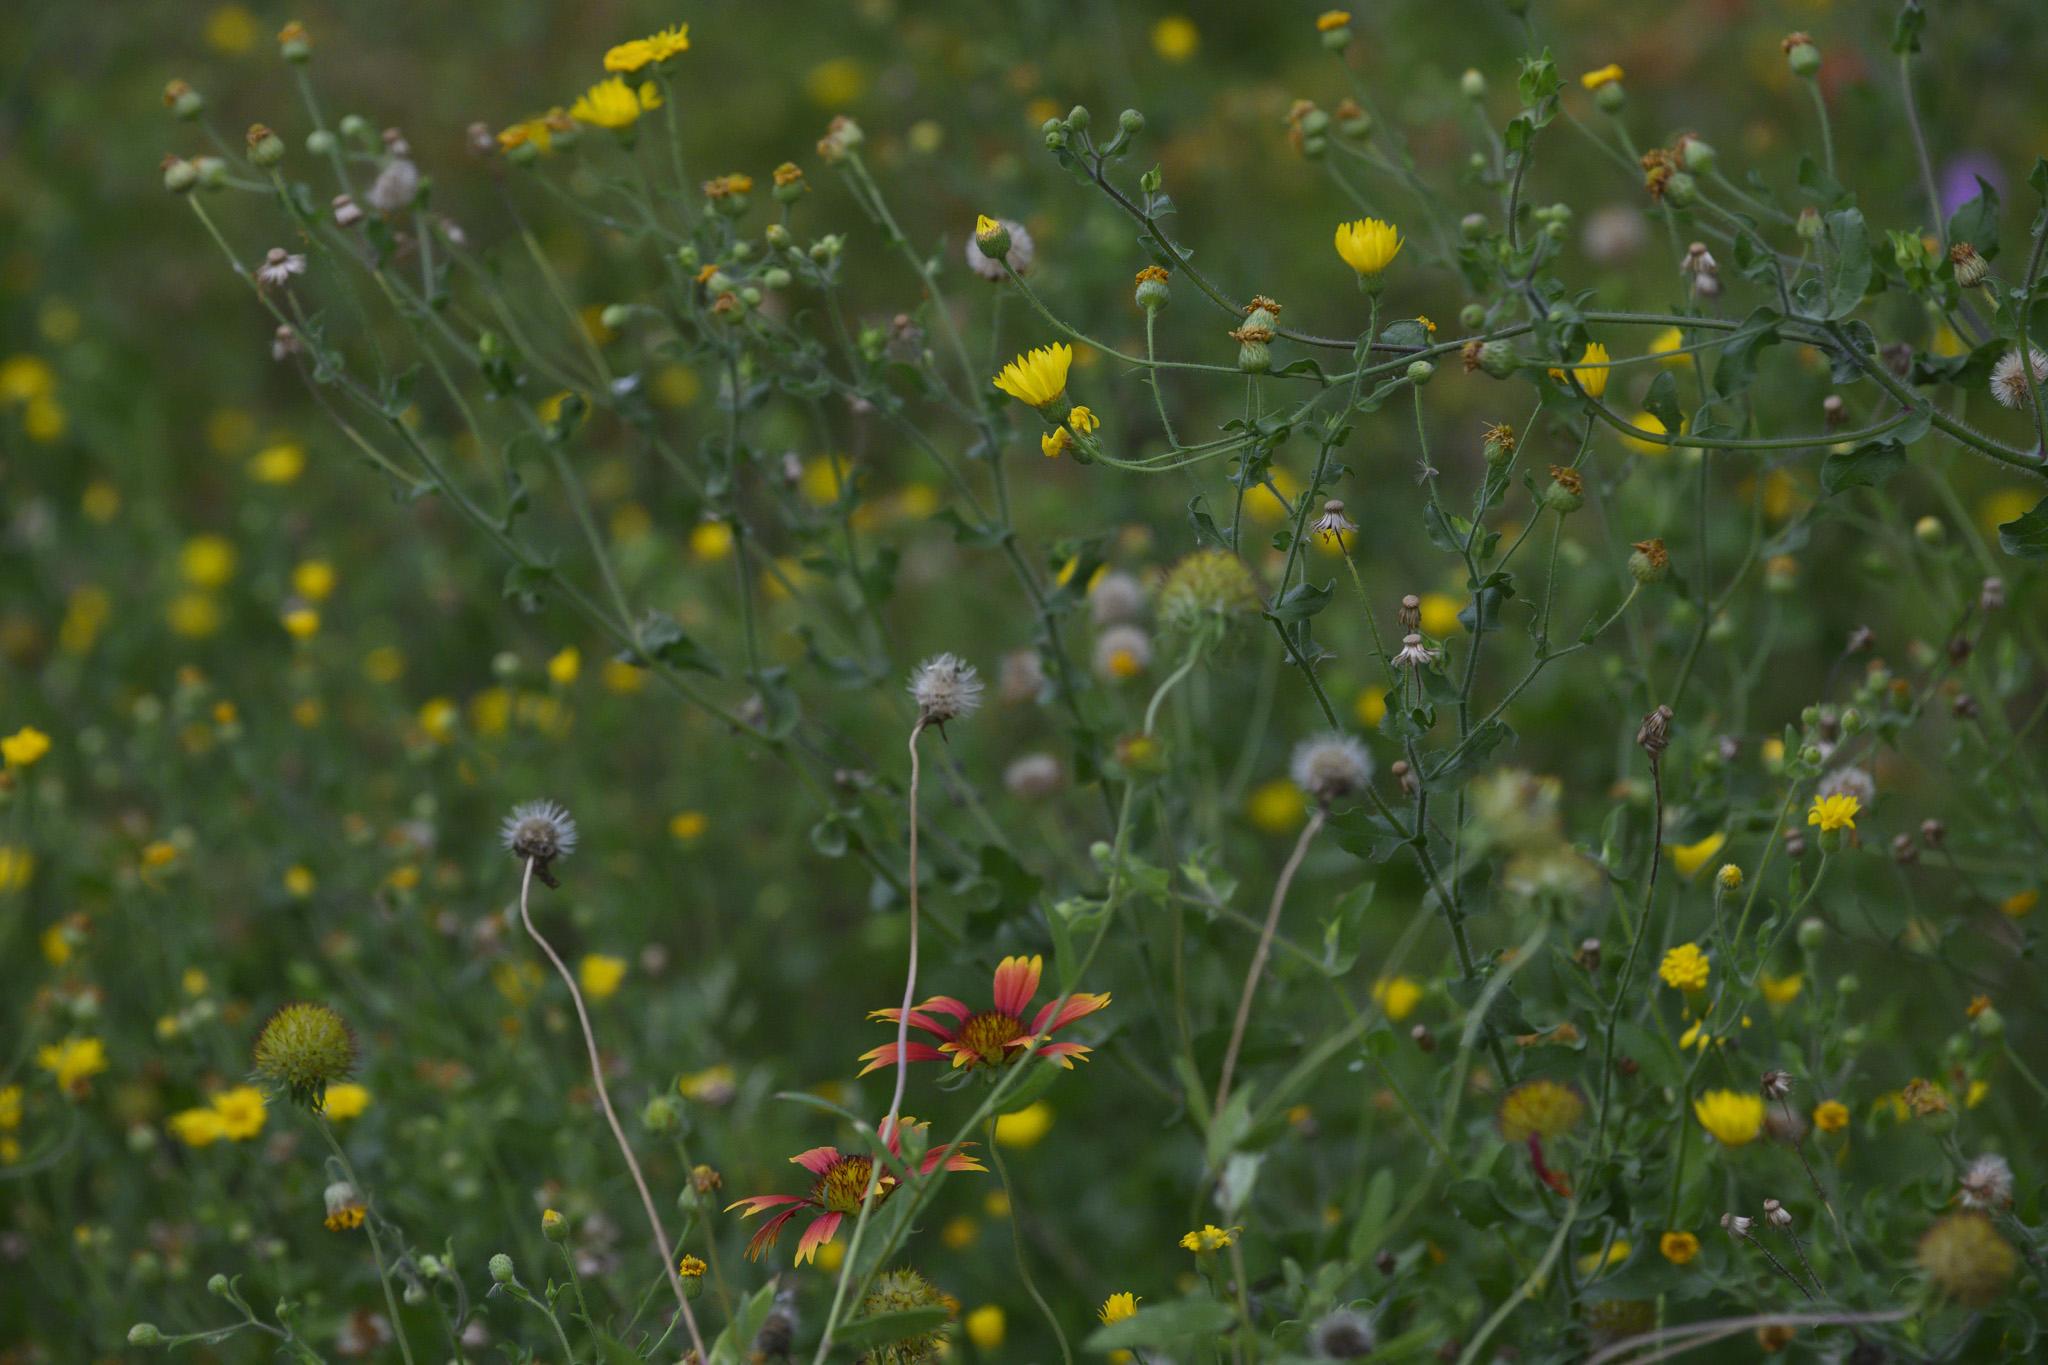 Field of wild flowers.